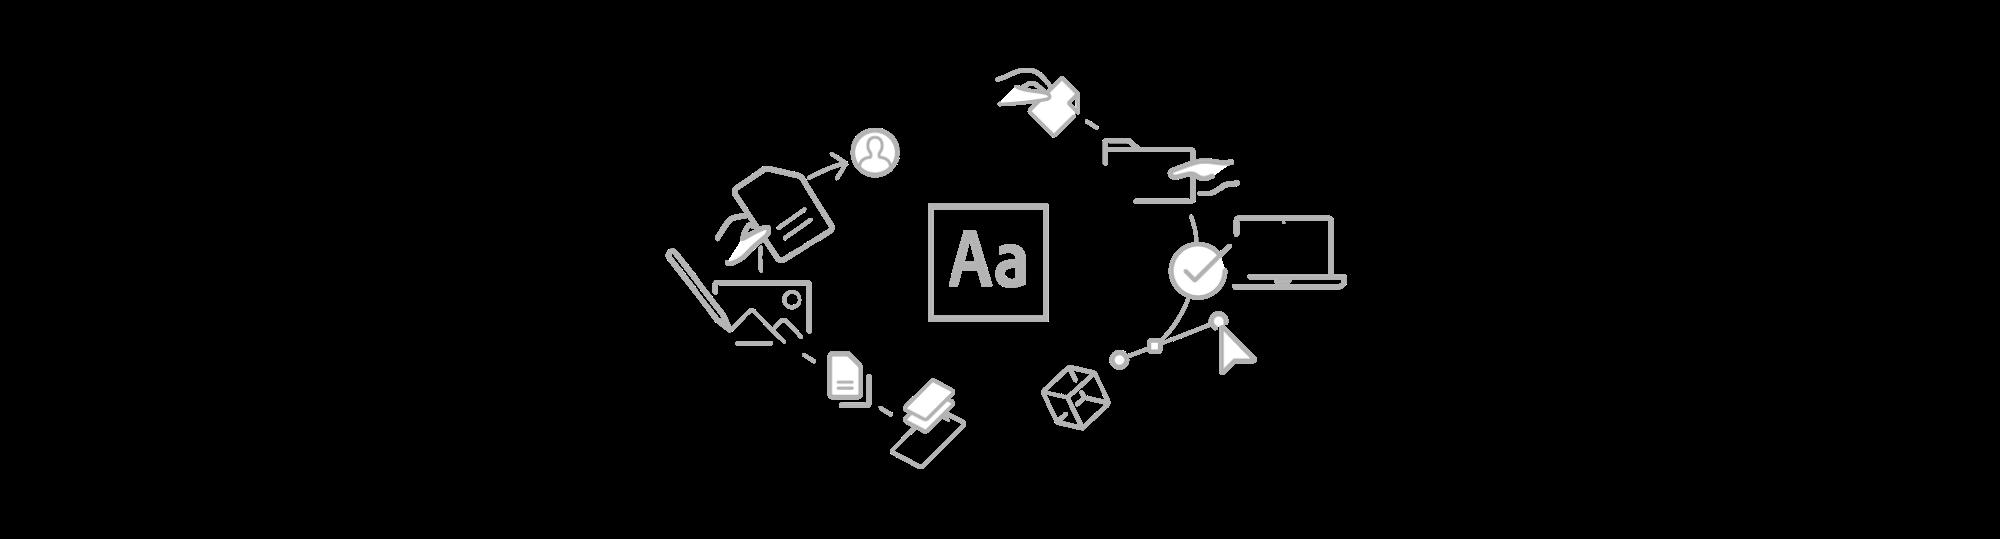 """Adobe-8 Evoluzione e restyling dell'Adobe """"Brand System"""""""